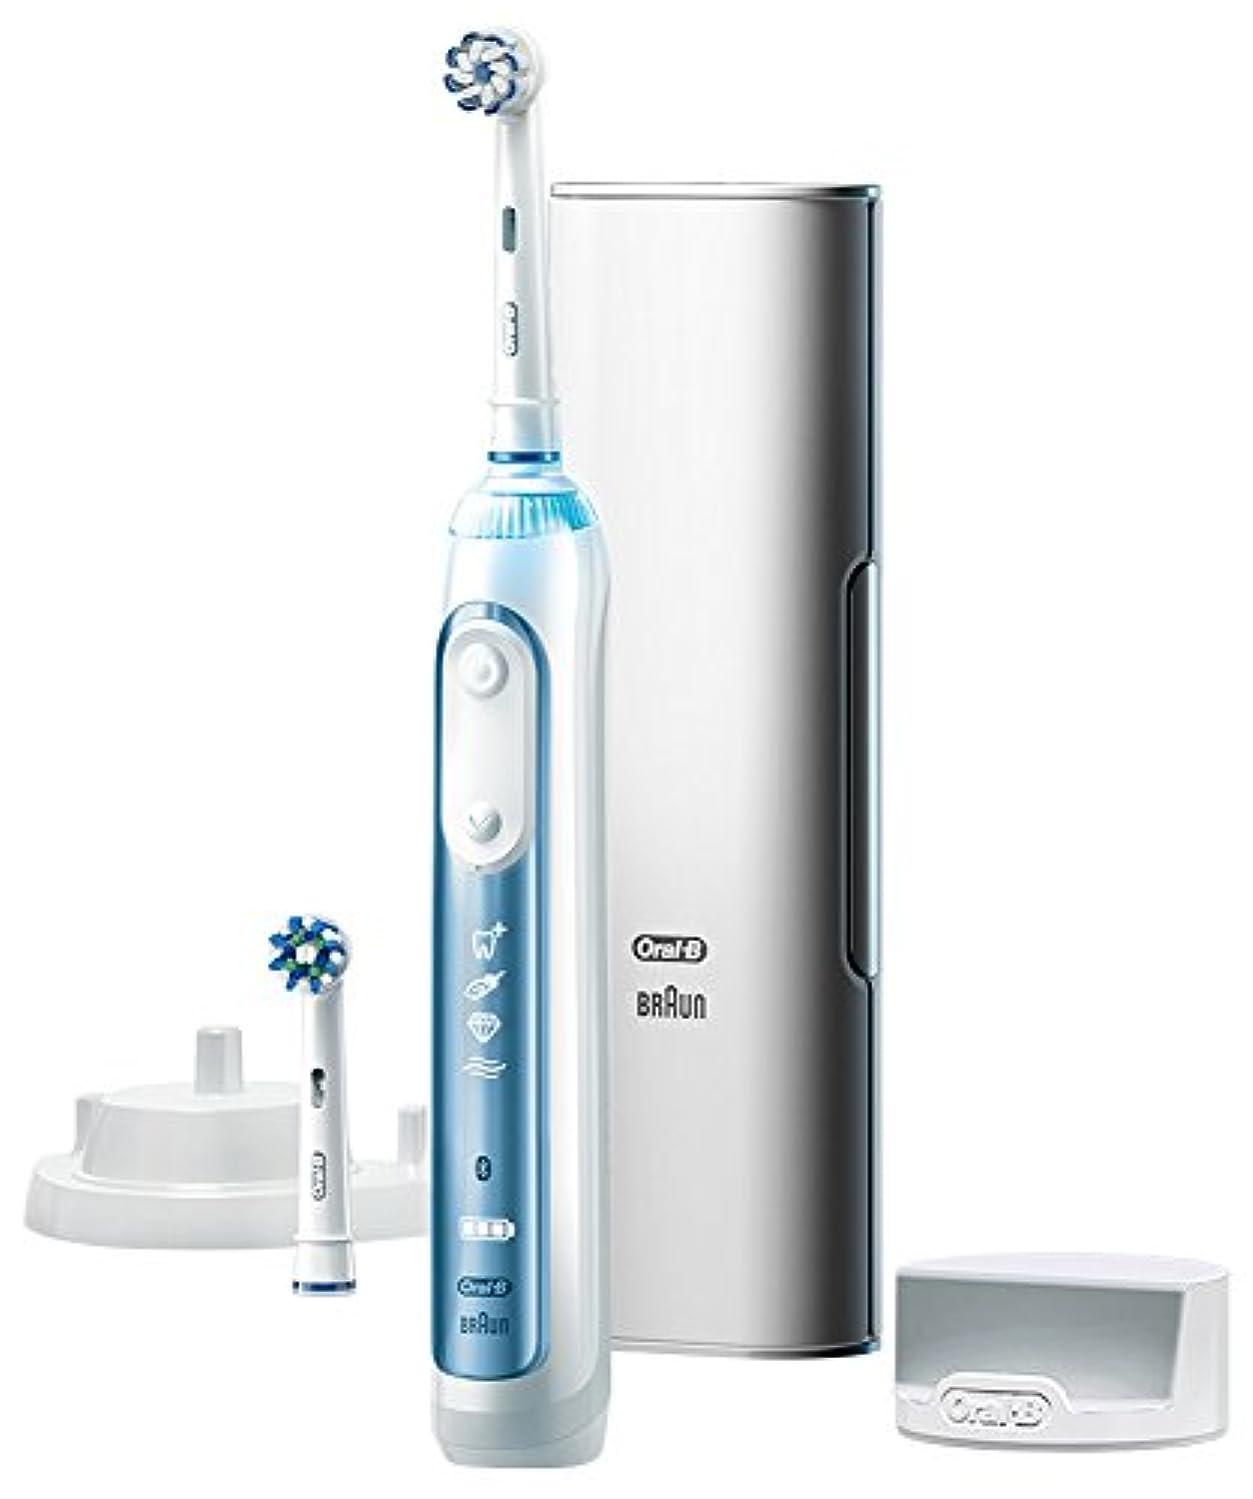 不道徳僕の実現可能性ブラウン オーラルB 電動歯ブラシ スマート7000 D7005245XP D7005245XP